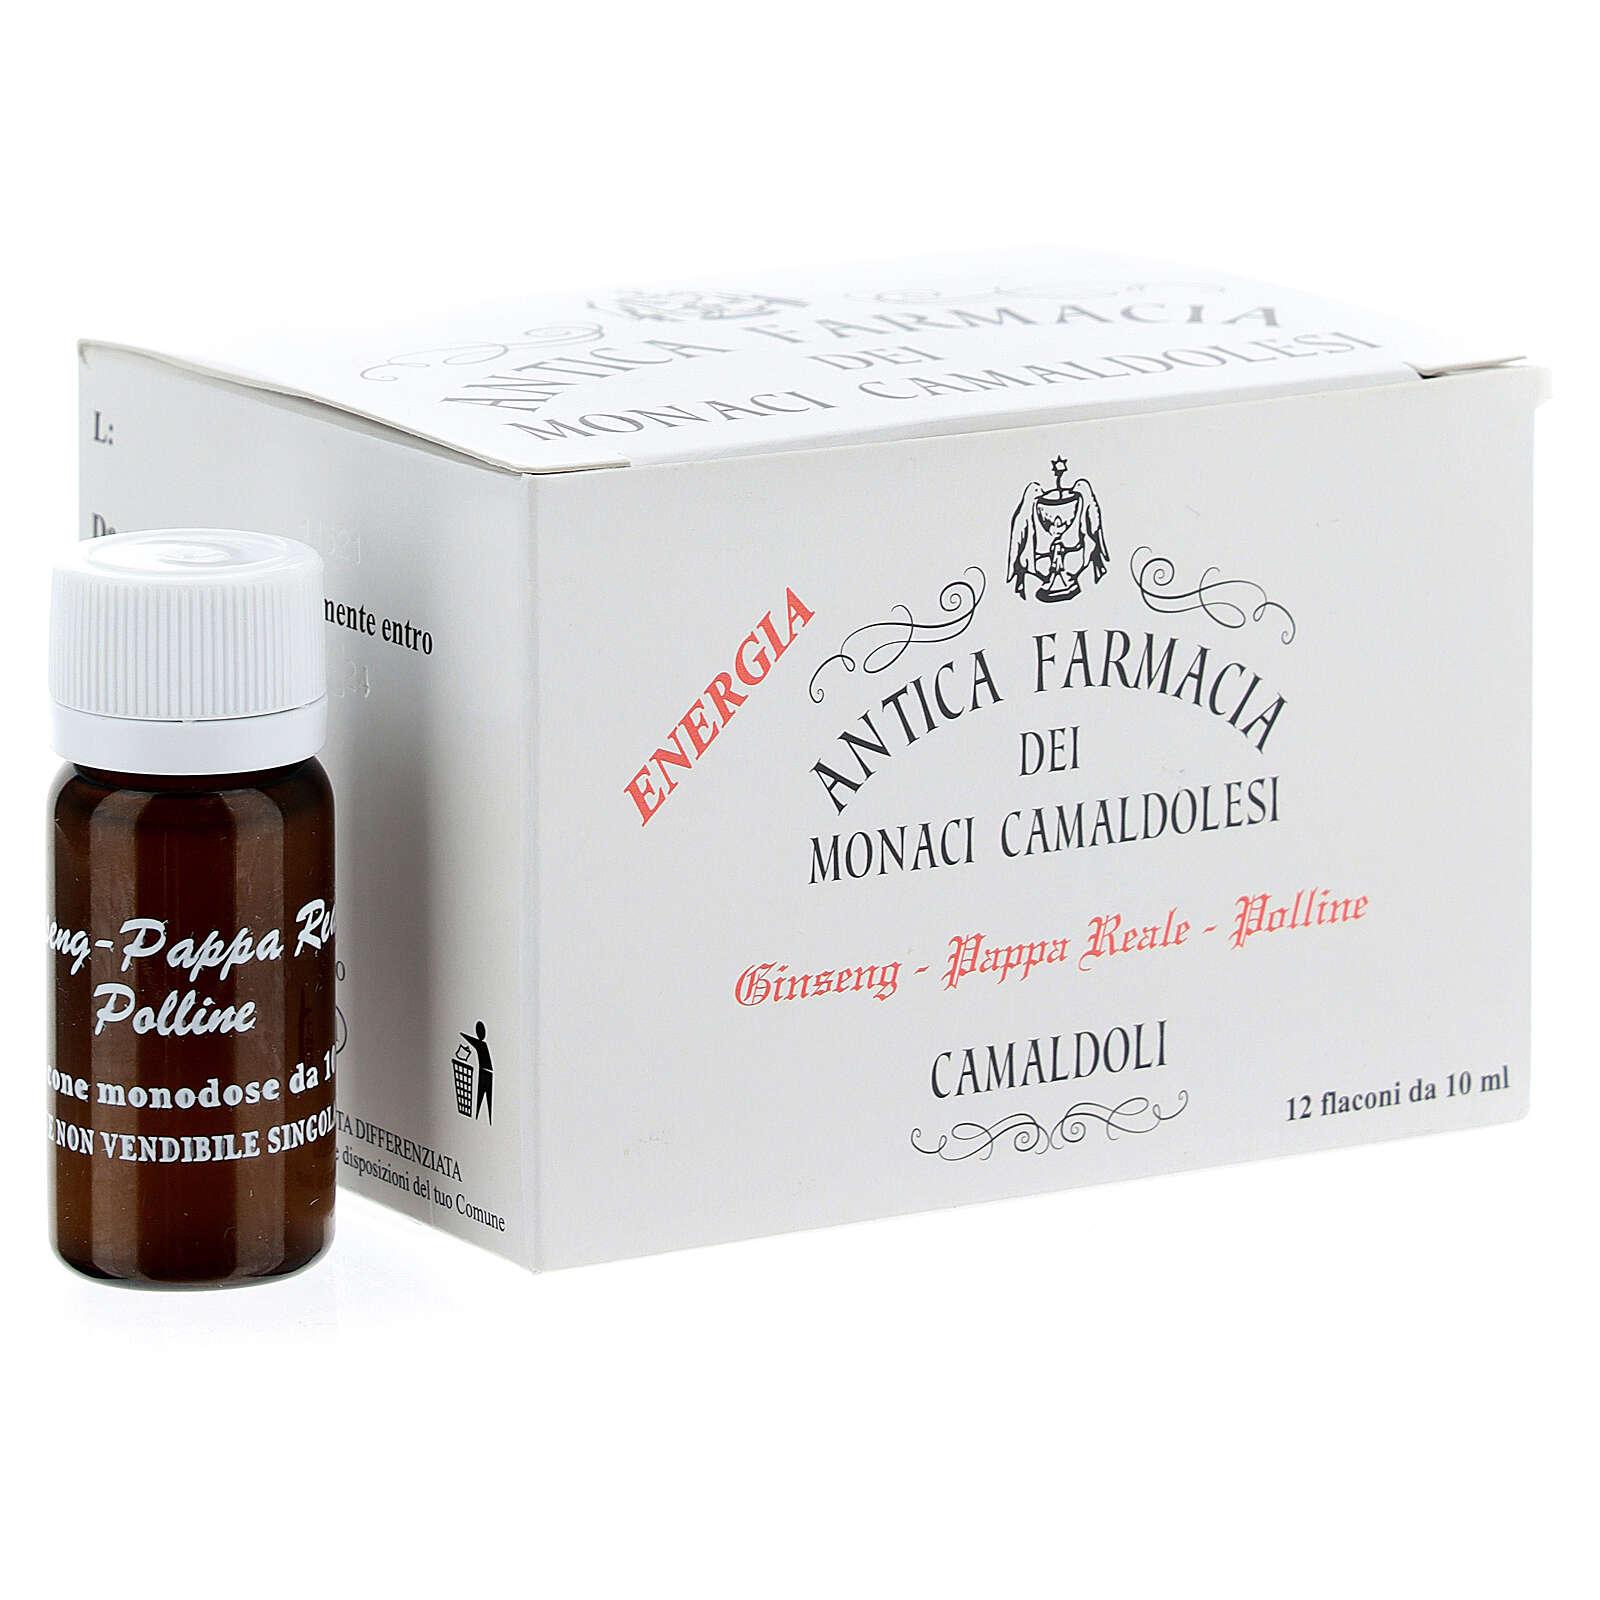 Integrador Frascos miel jalea real ginseng Camaldoli 3